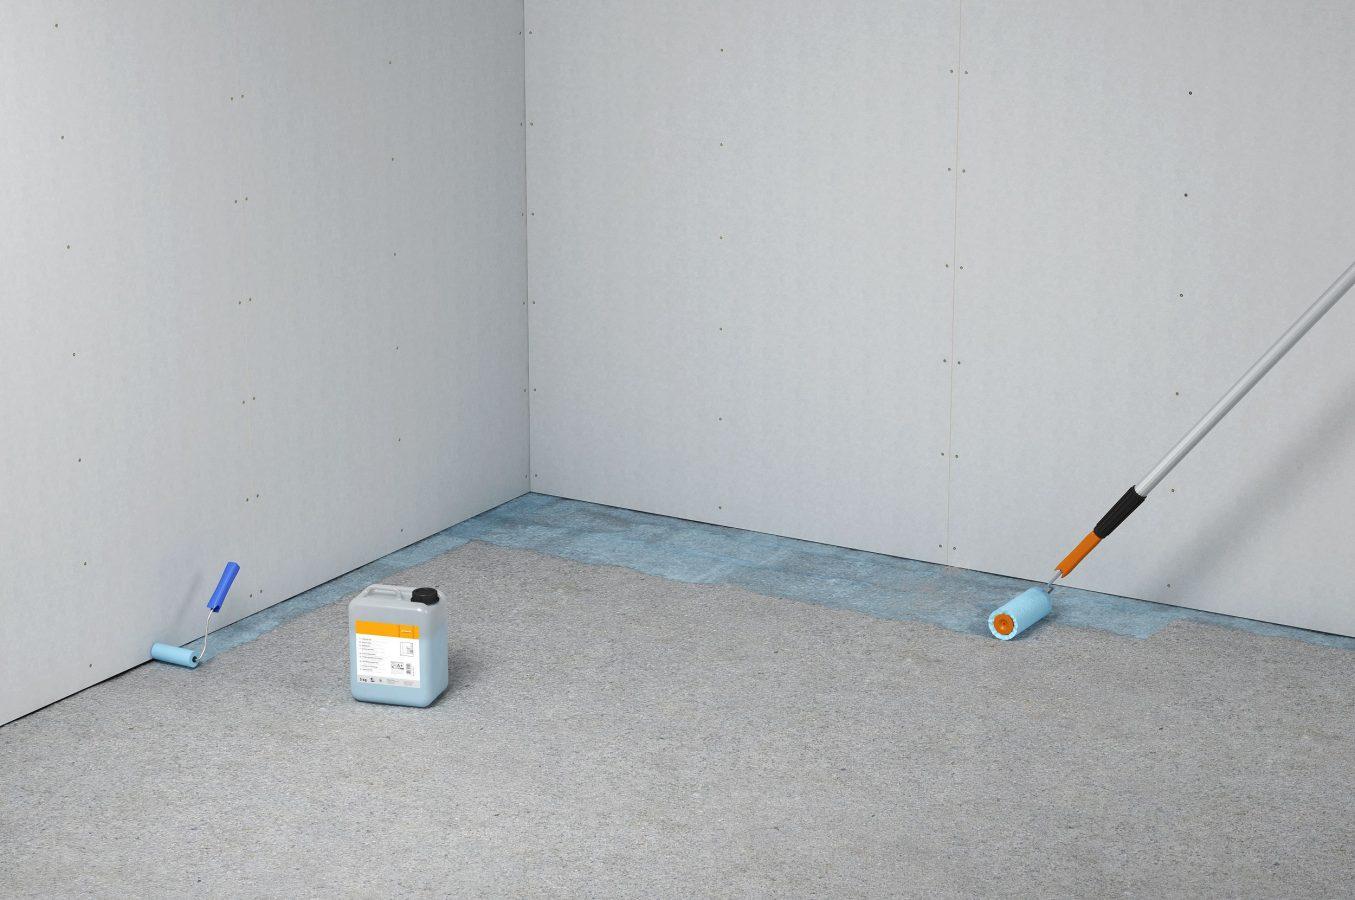 wie bereite ich den untergrund für trockenestrich vor?